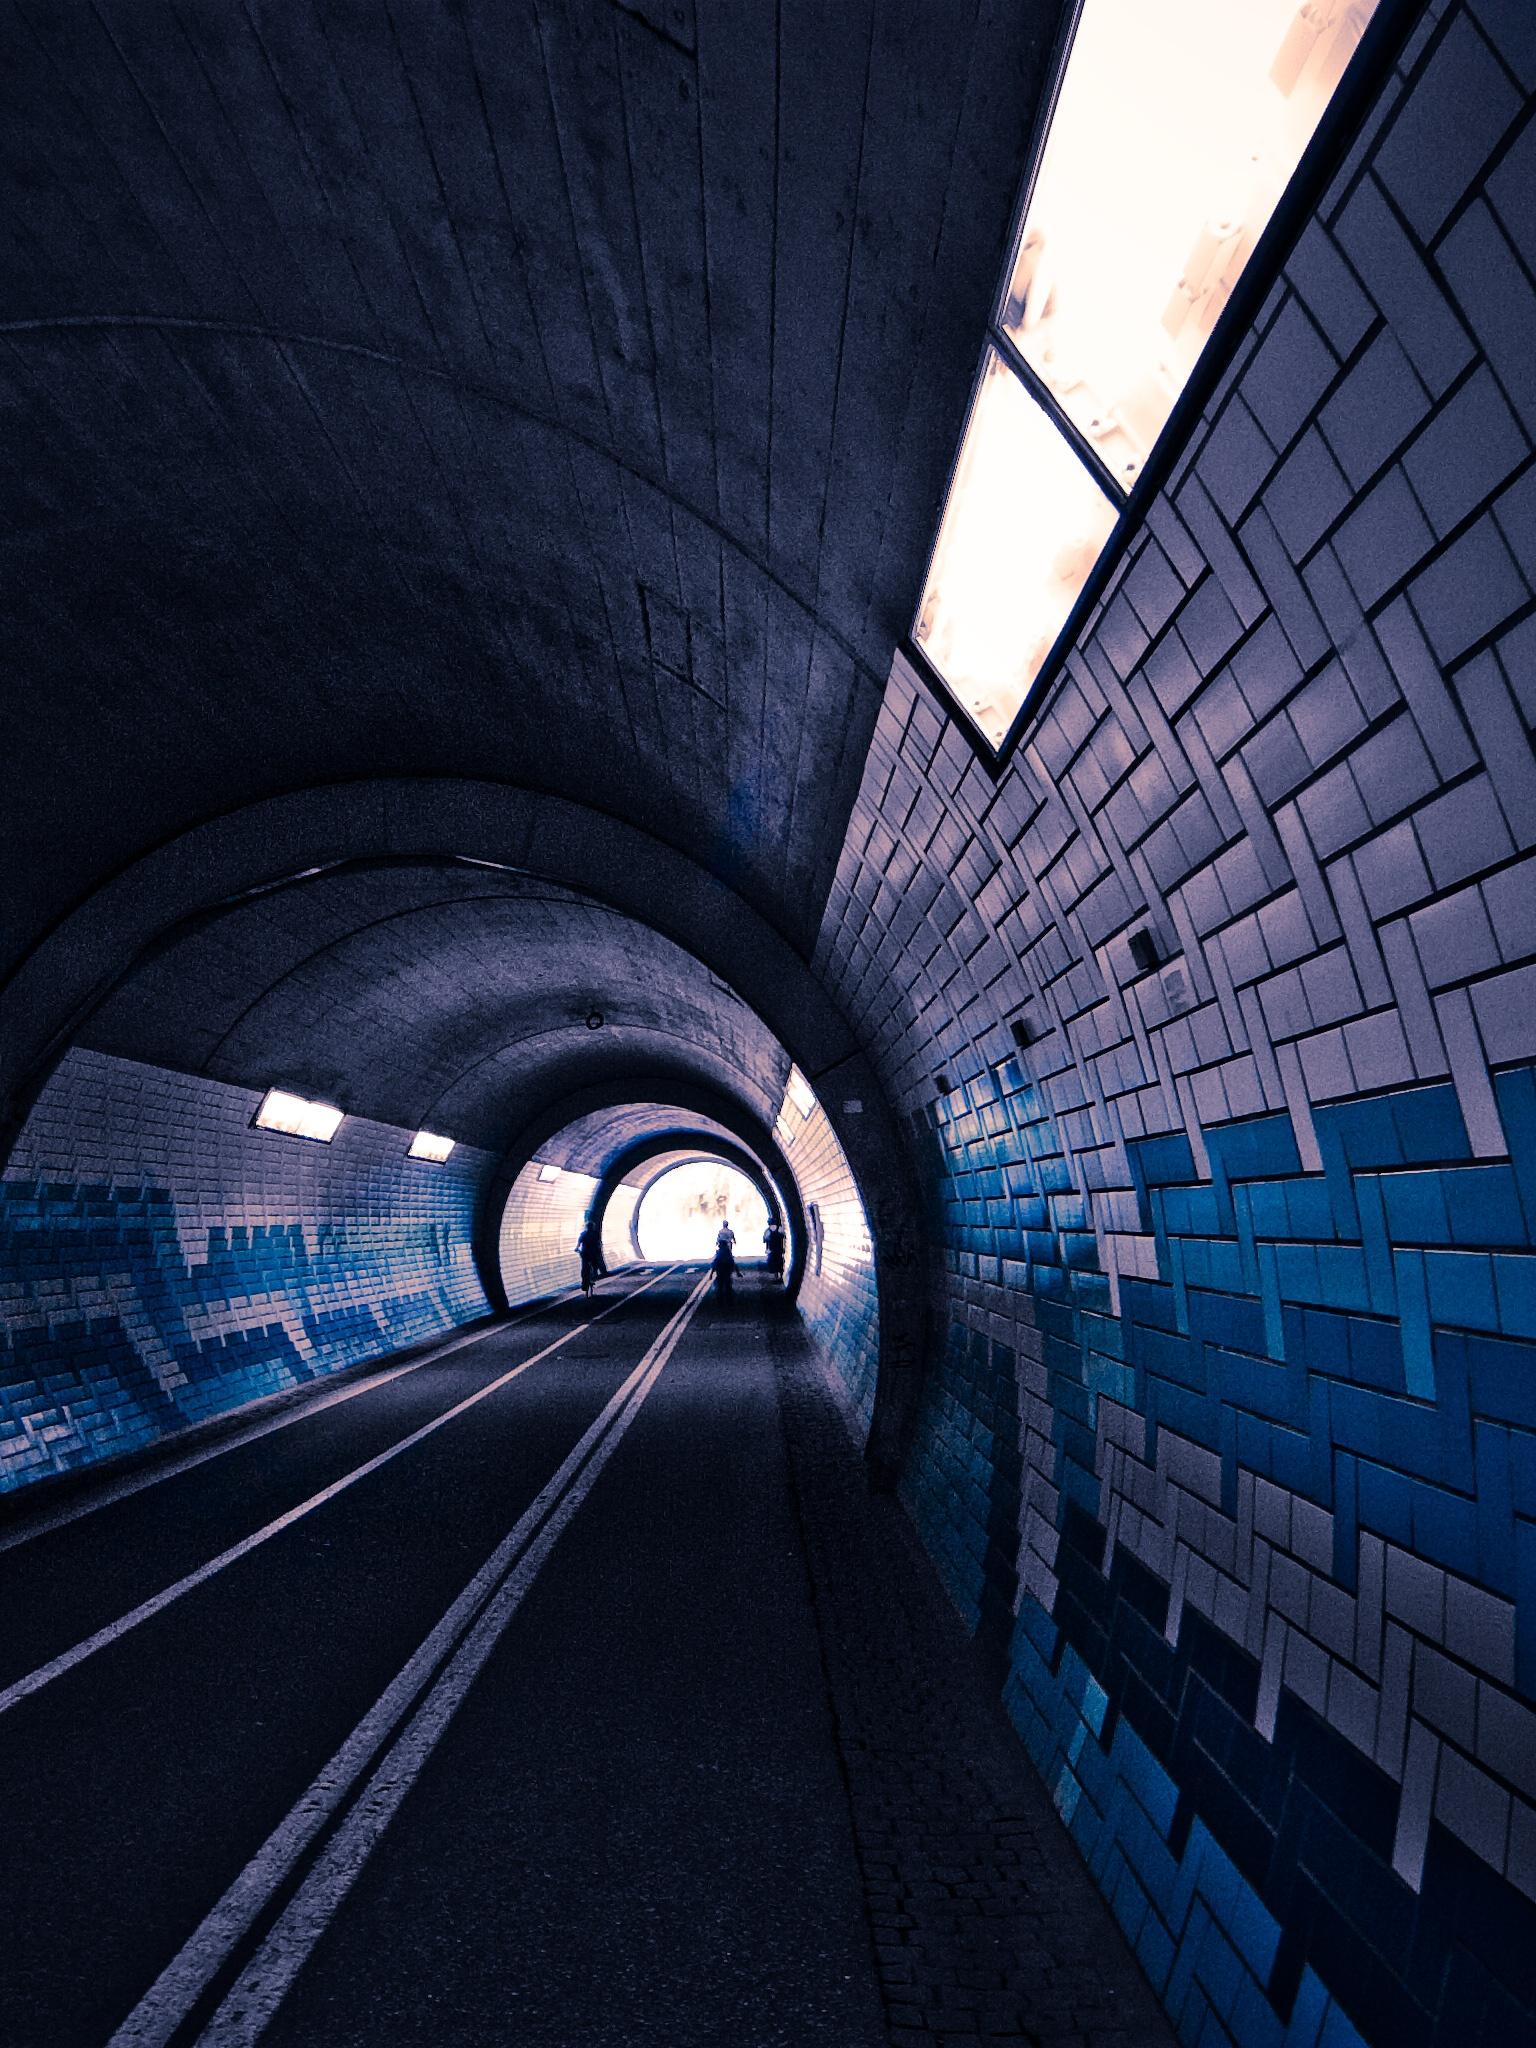 1536x2048 Dark tunnel Ipad 3 wallpaper 1536x2048